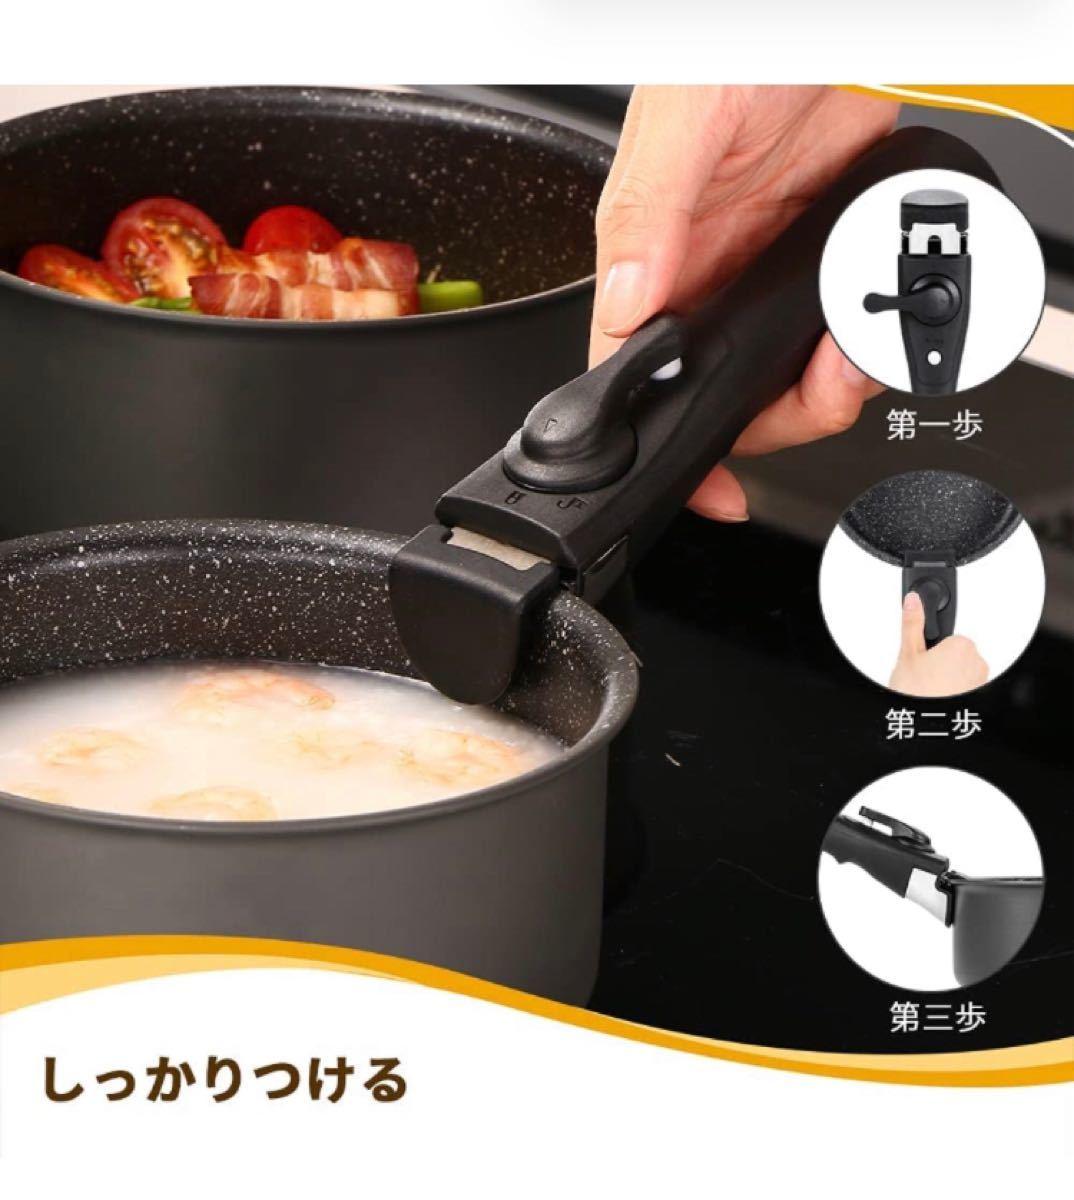 鍋セット 20cm 18cm 16cm ih ガス対応 取っ手のとれる 5層コーティーグ エクセレンス 7点セット お手入れ簡単